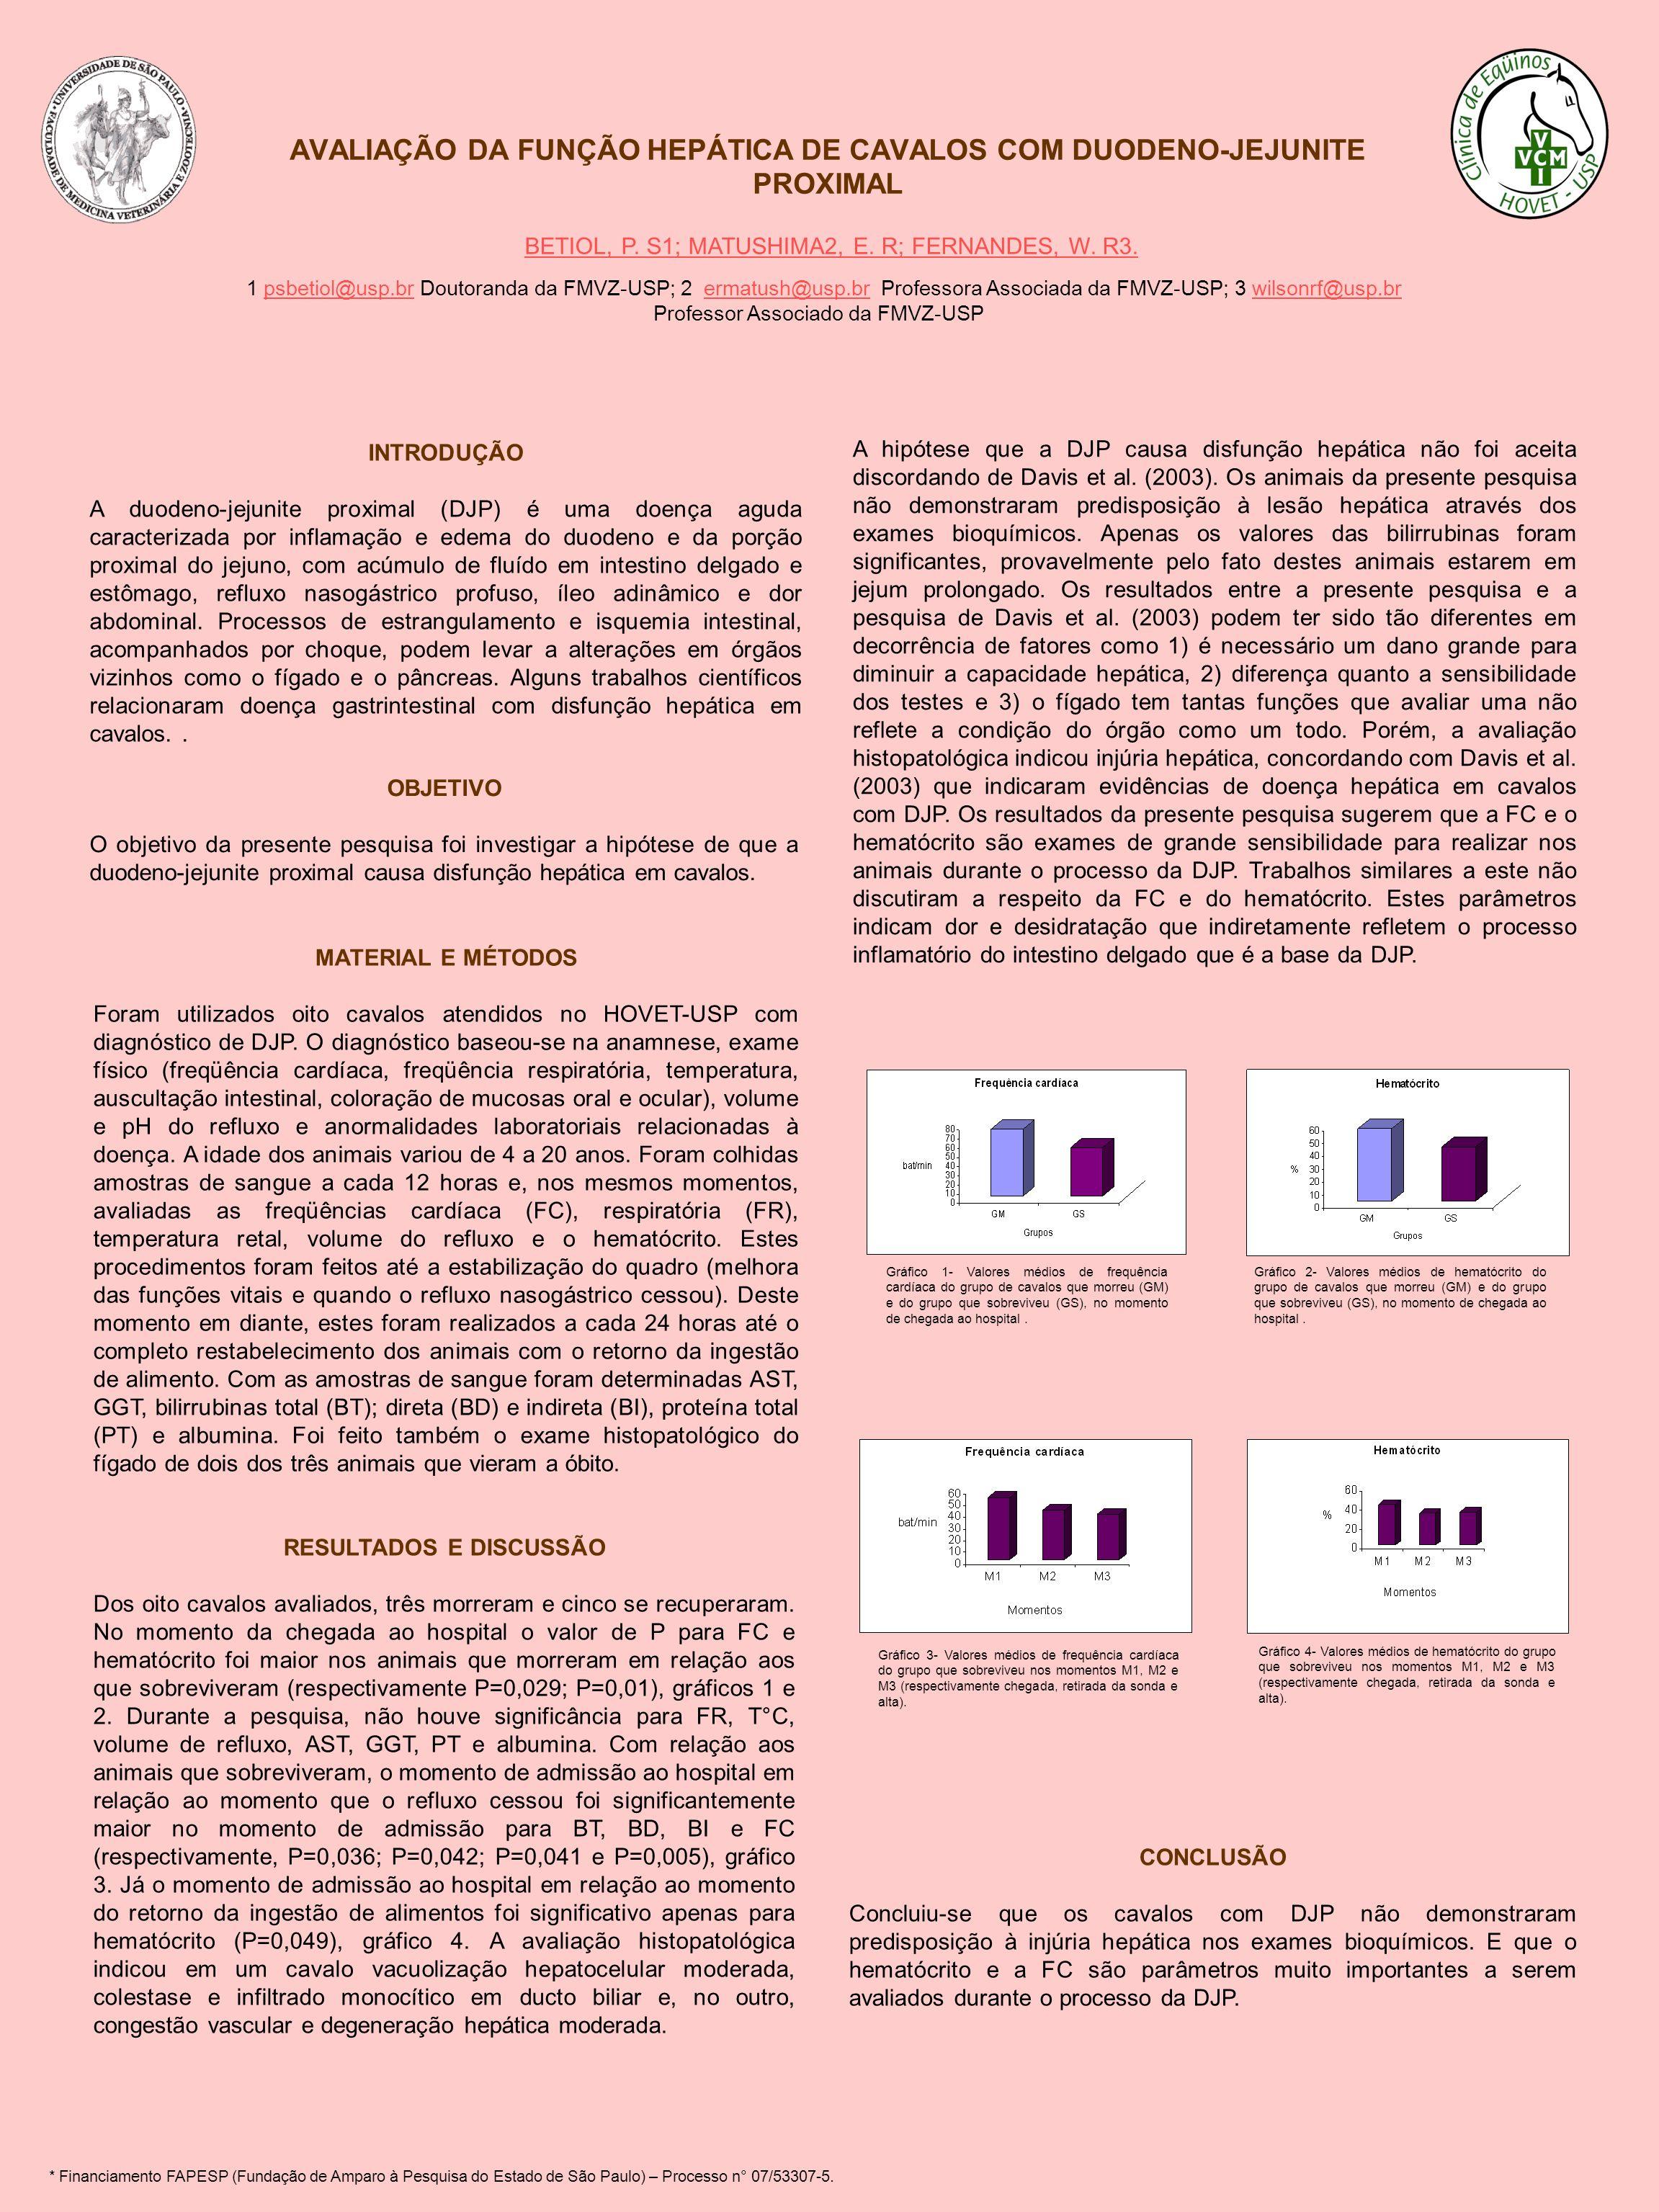 AVALIAÇÃO DA FUNÇÃO HEPÁTICA DE CAVALOS COM DUODENO-JEJUNITE PROXIMAL